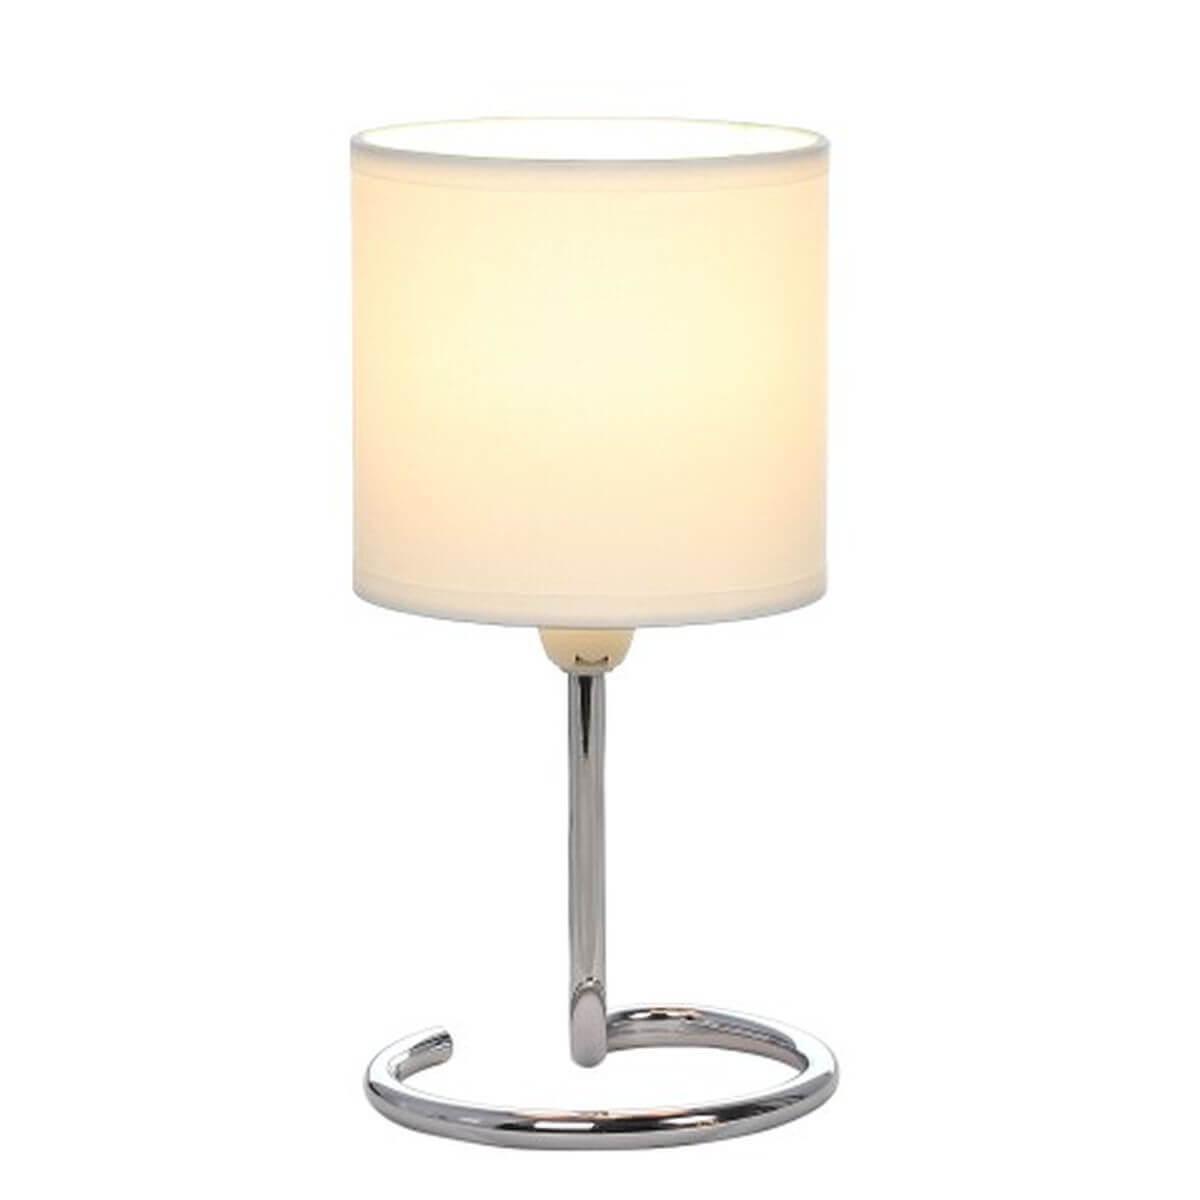 купить Настольная лампа Globo Elfi 24639B по цене 1770 рублей